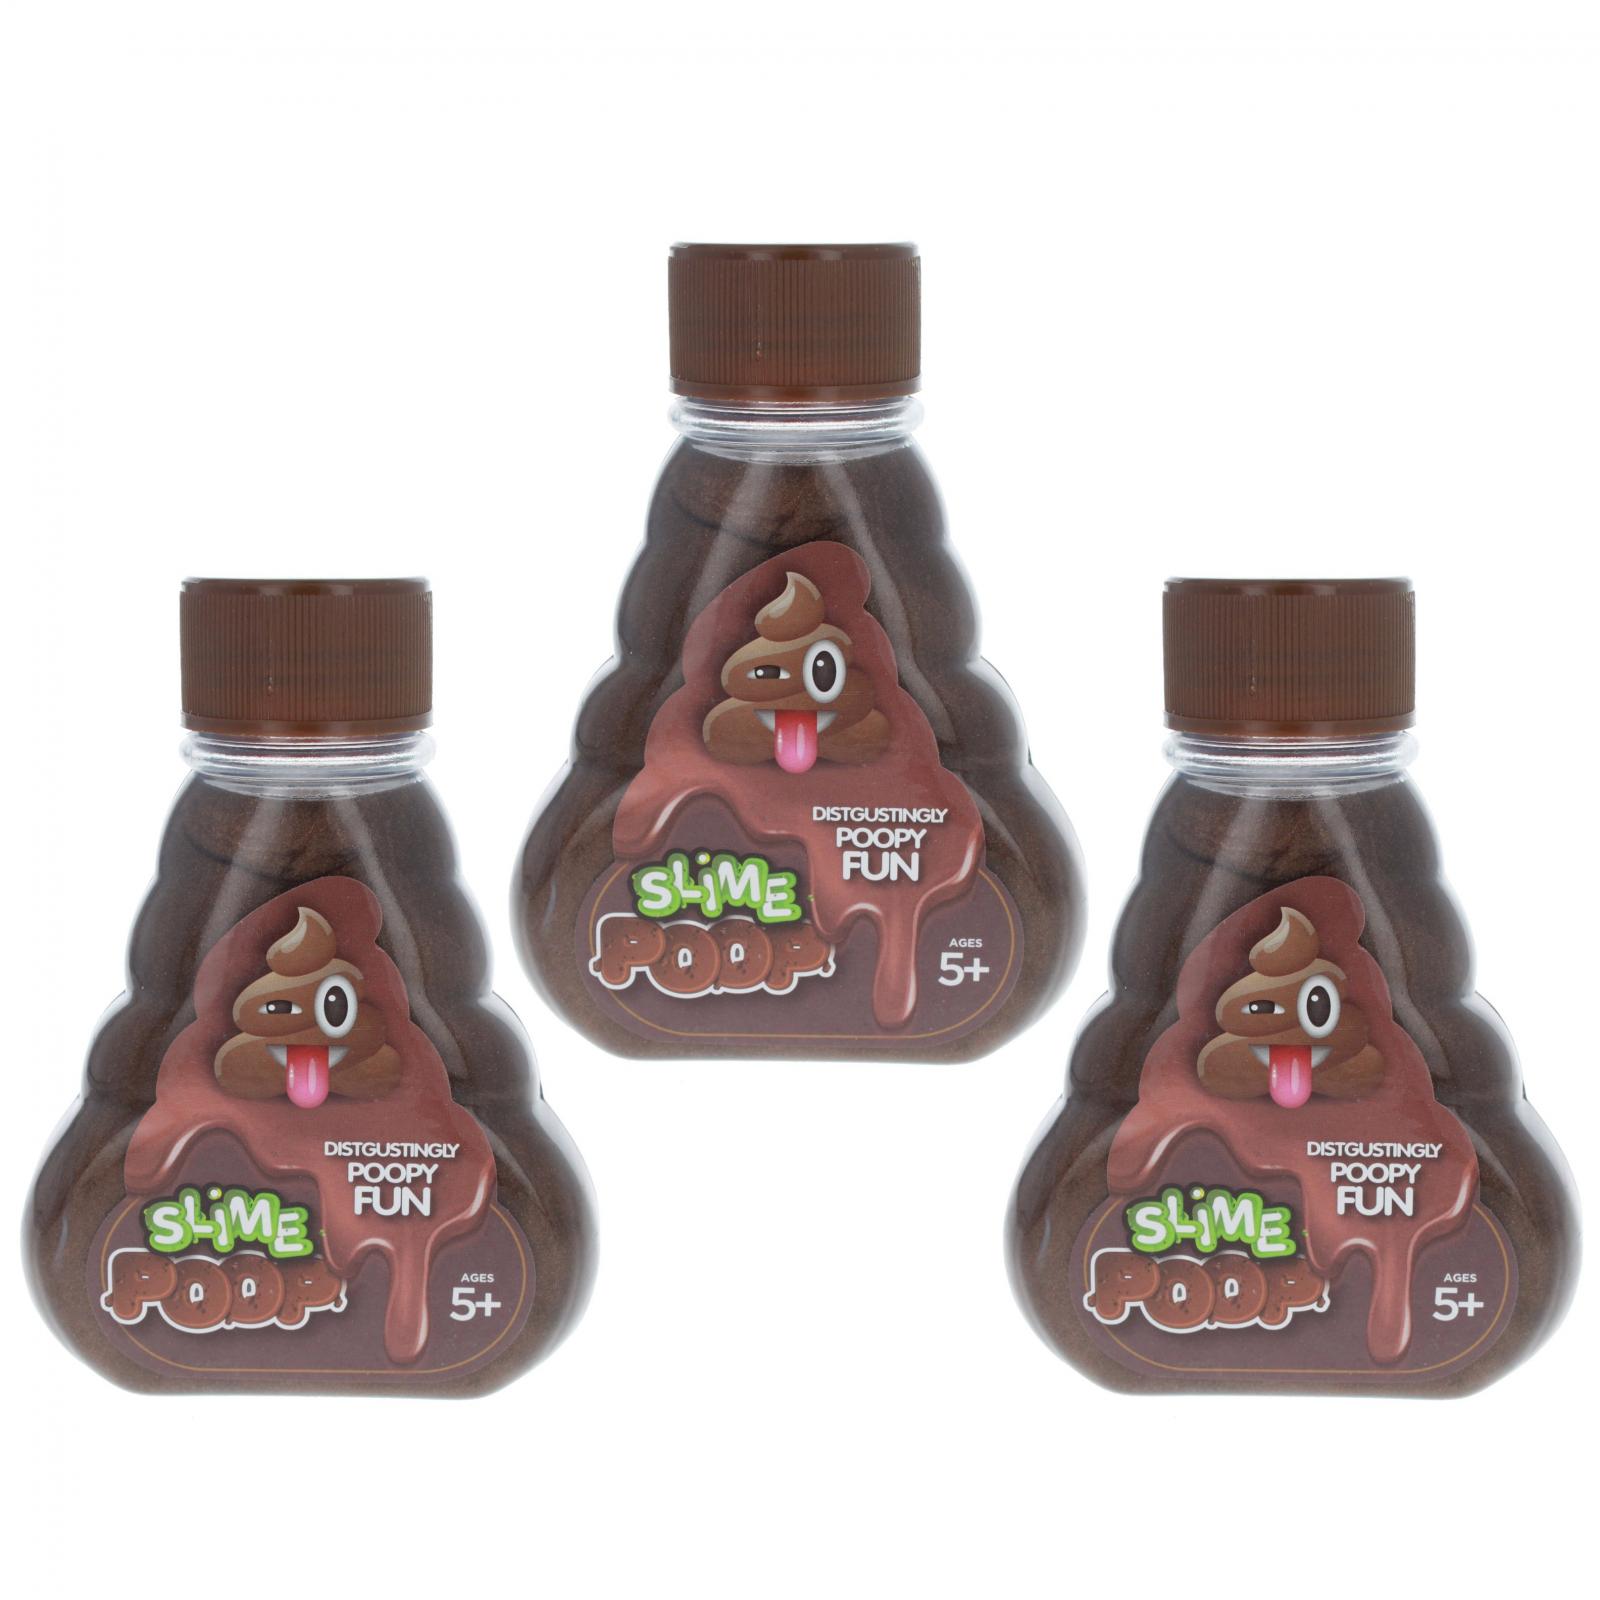 TychoTyke Kids Poop Emoji Fun Brown Slime In Bottle, 3-Pack